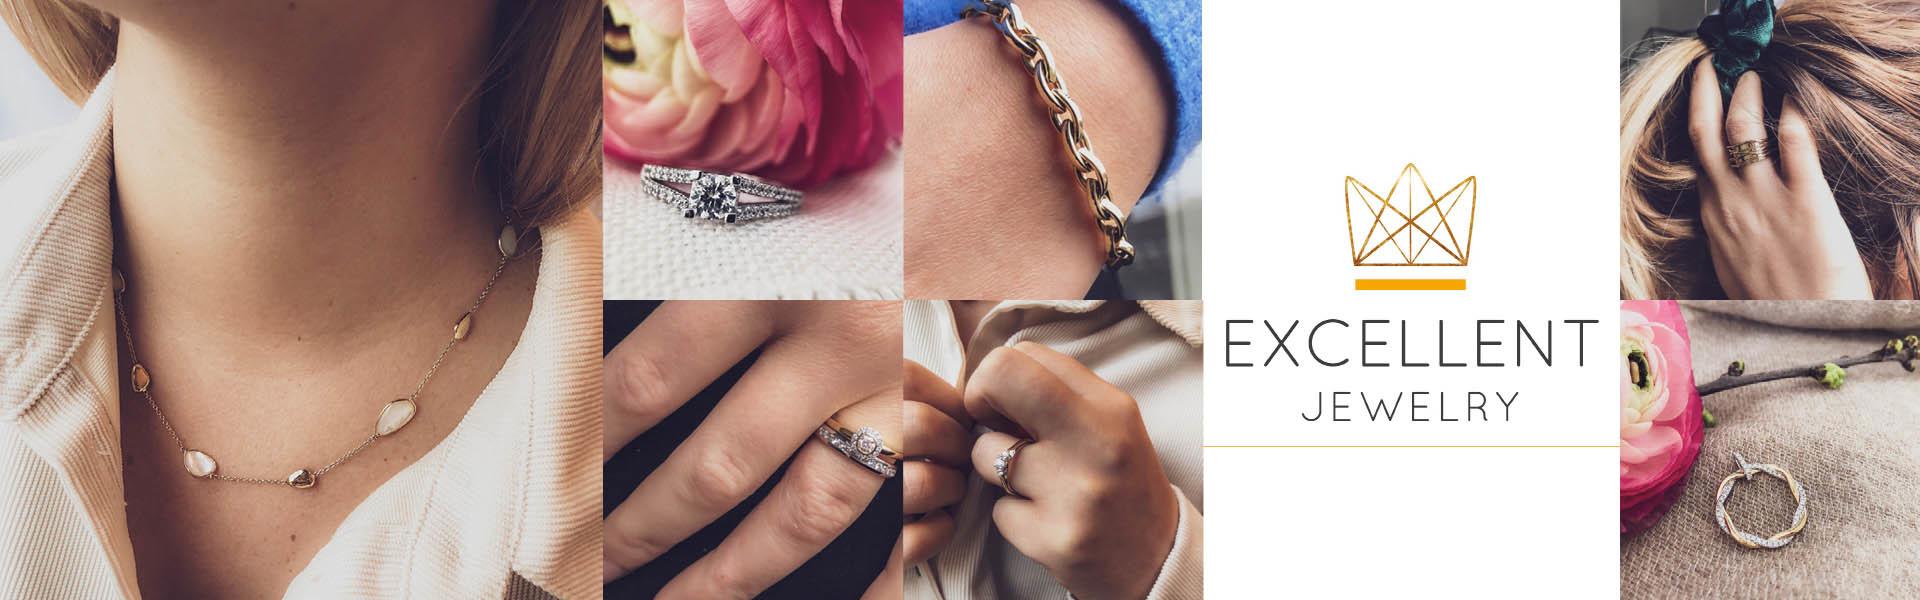 De mooiste sieraden van Excellent Jewelry shopt u hier!